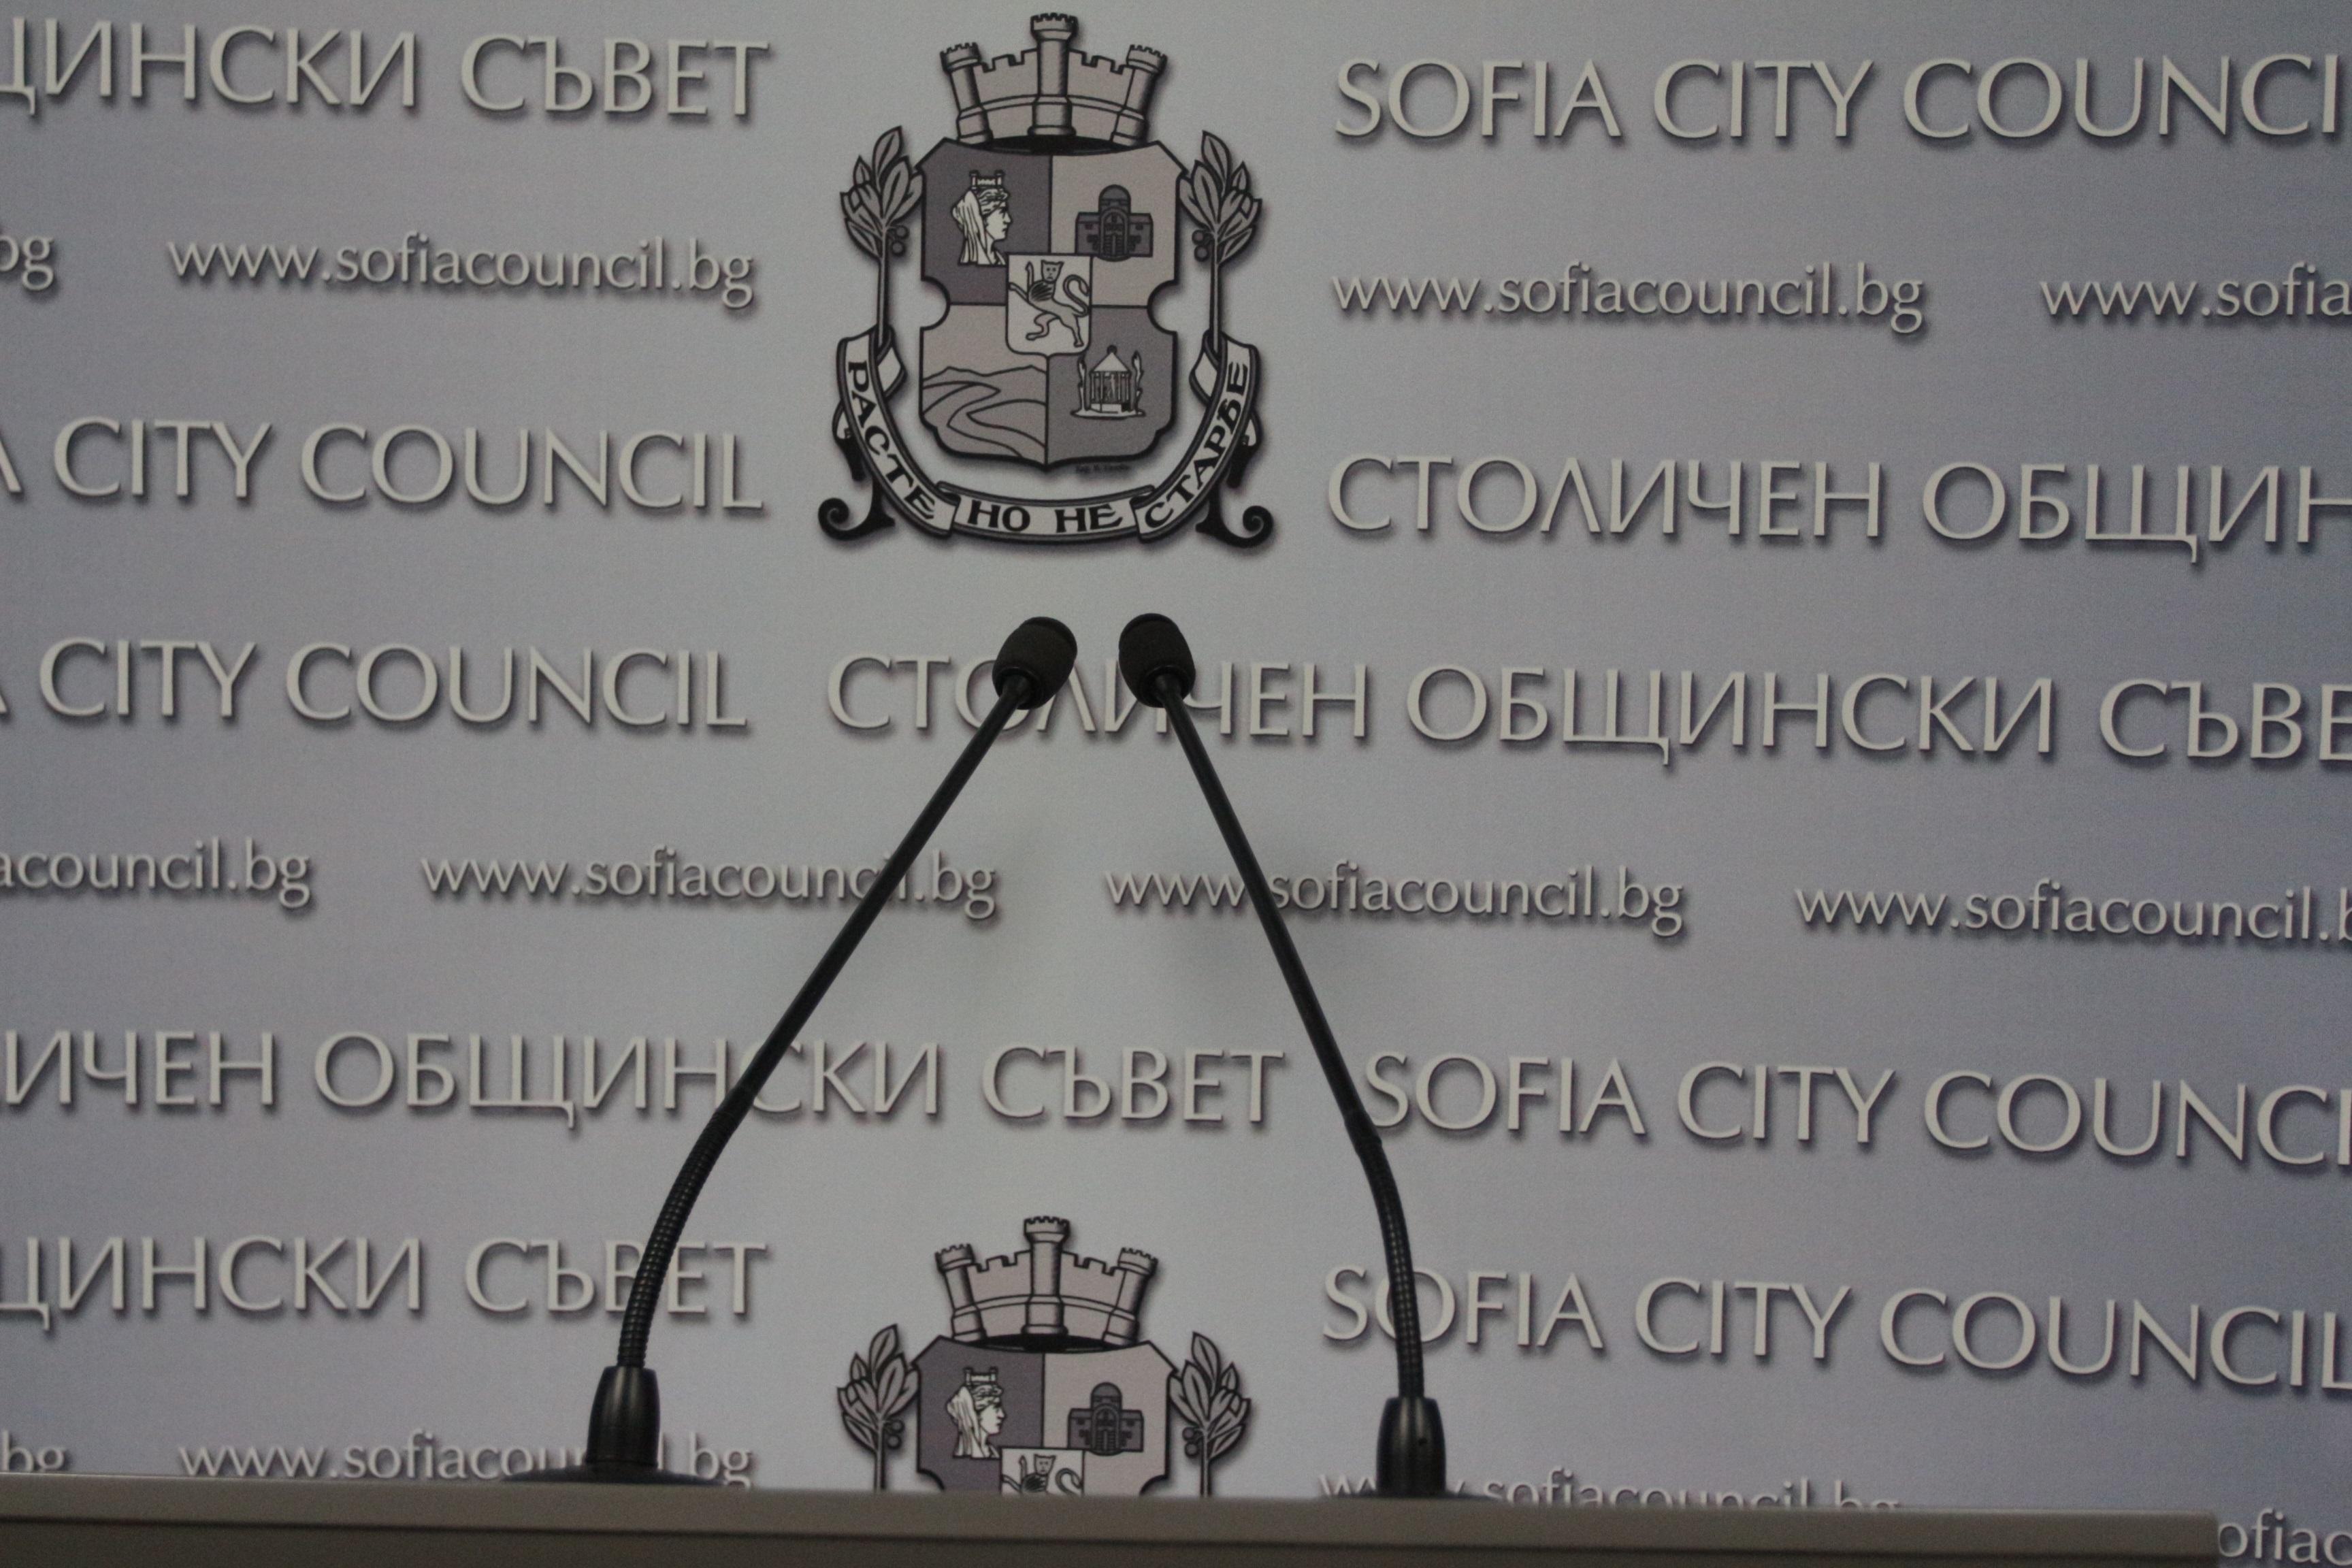 Докладите на СОС вече се публикуват на сайта на местния парламент в София